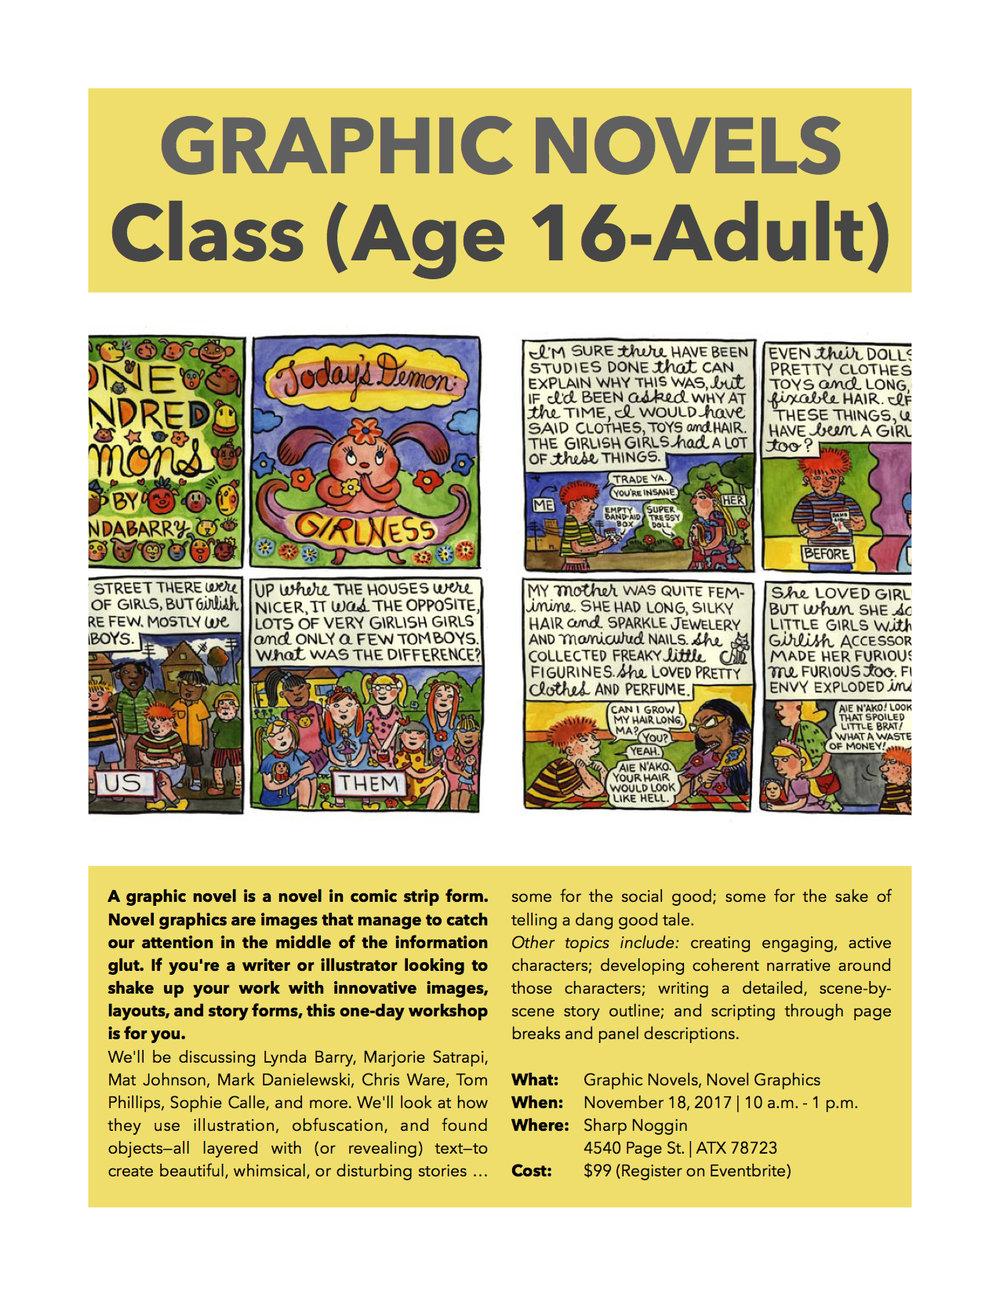 GN Class Flyer.jpg